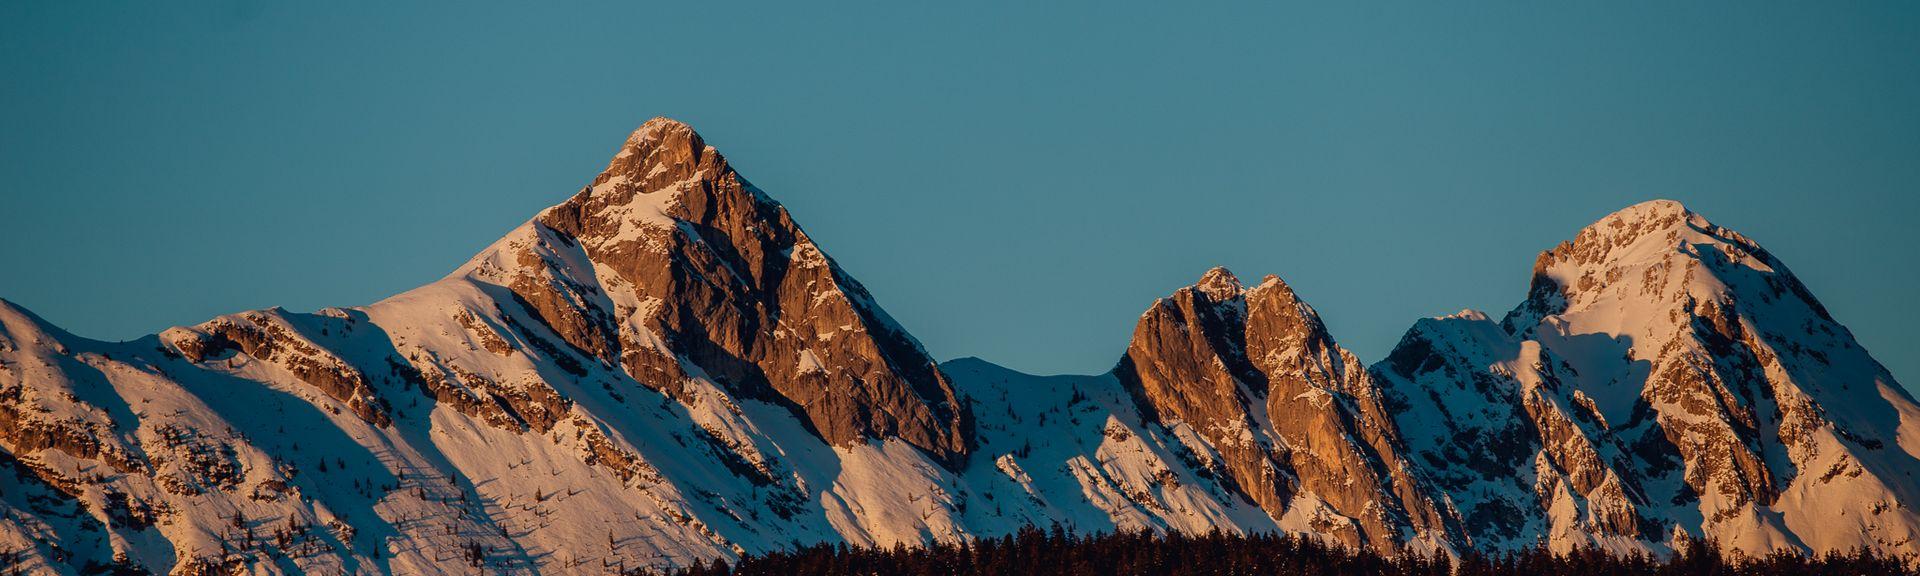 Seefeld Ski Area, Tyrol, Austria